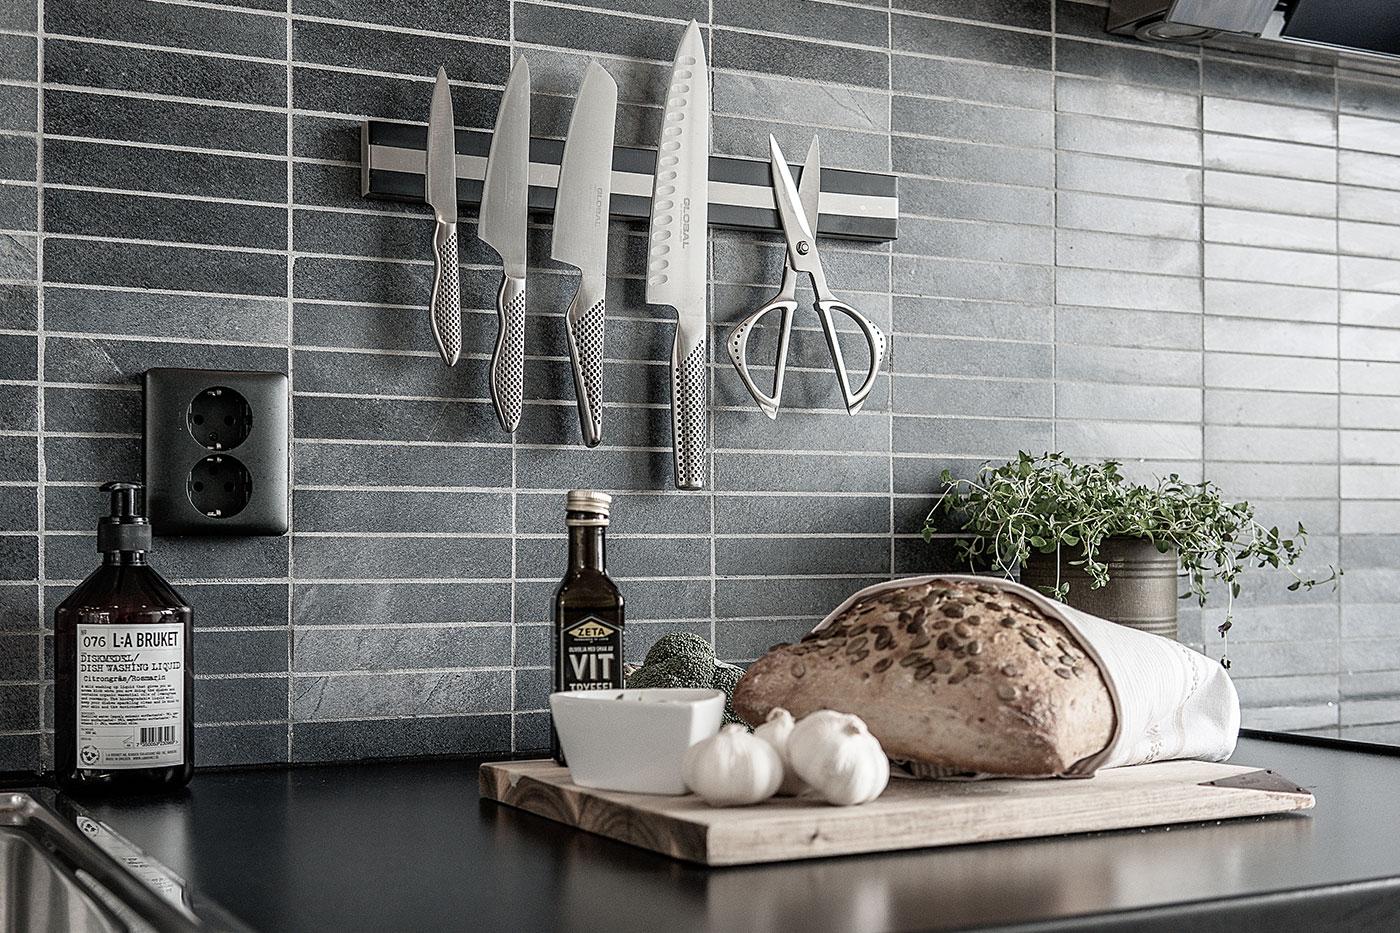 Bröd, vitlök och olja i kök med knivar och sax på väggen